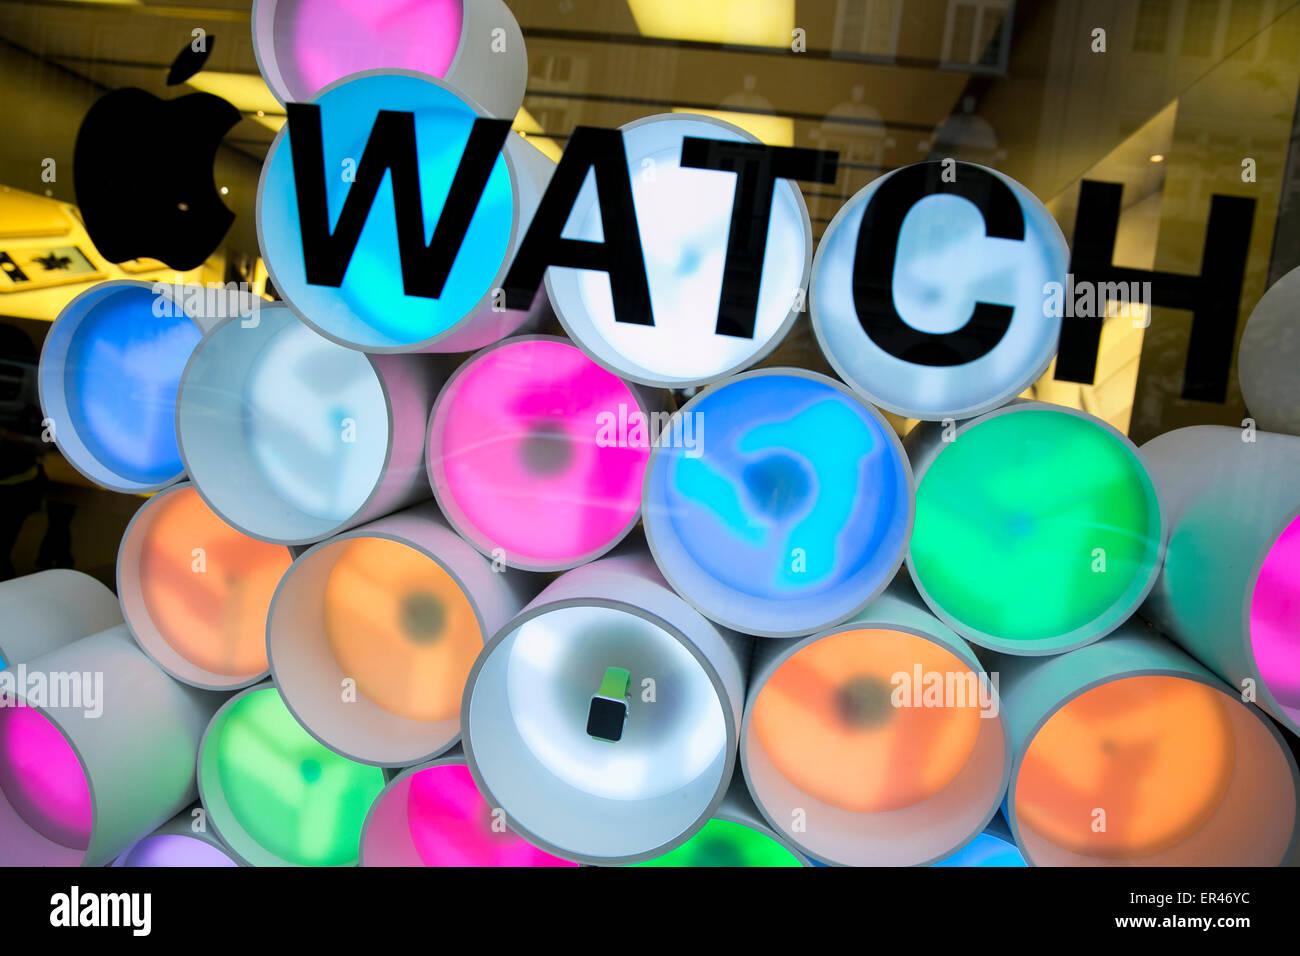 Un Apple fenêtre Watch afficher dans le centre-ville de Philadelphie, Pennsylvanie. Banque D'Images